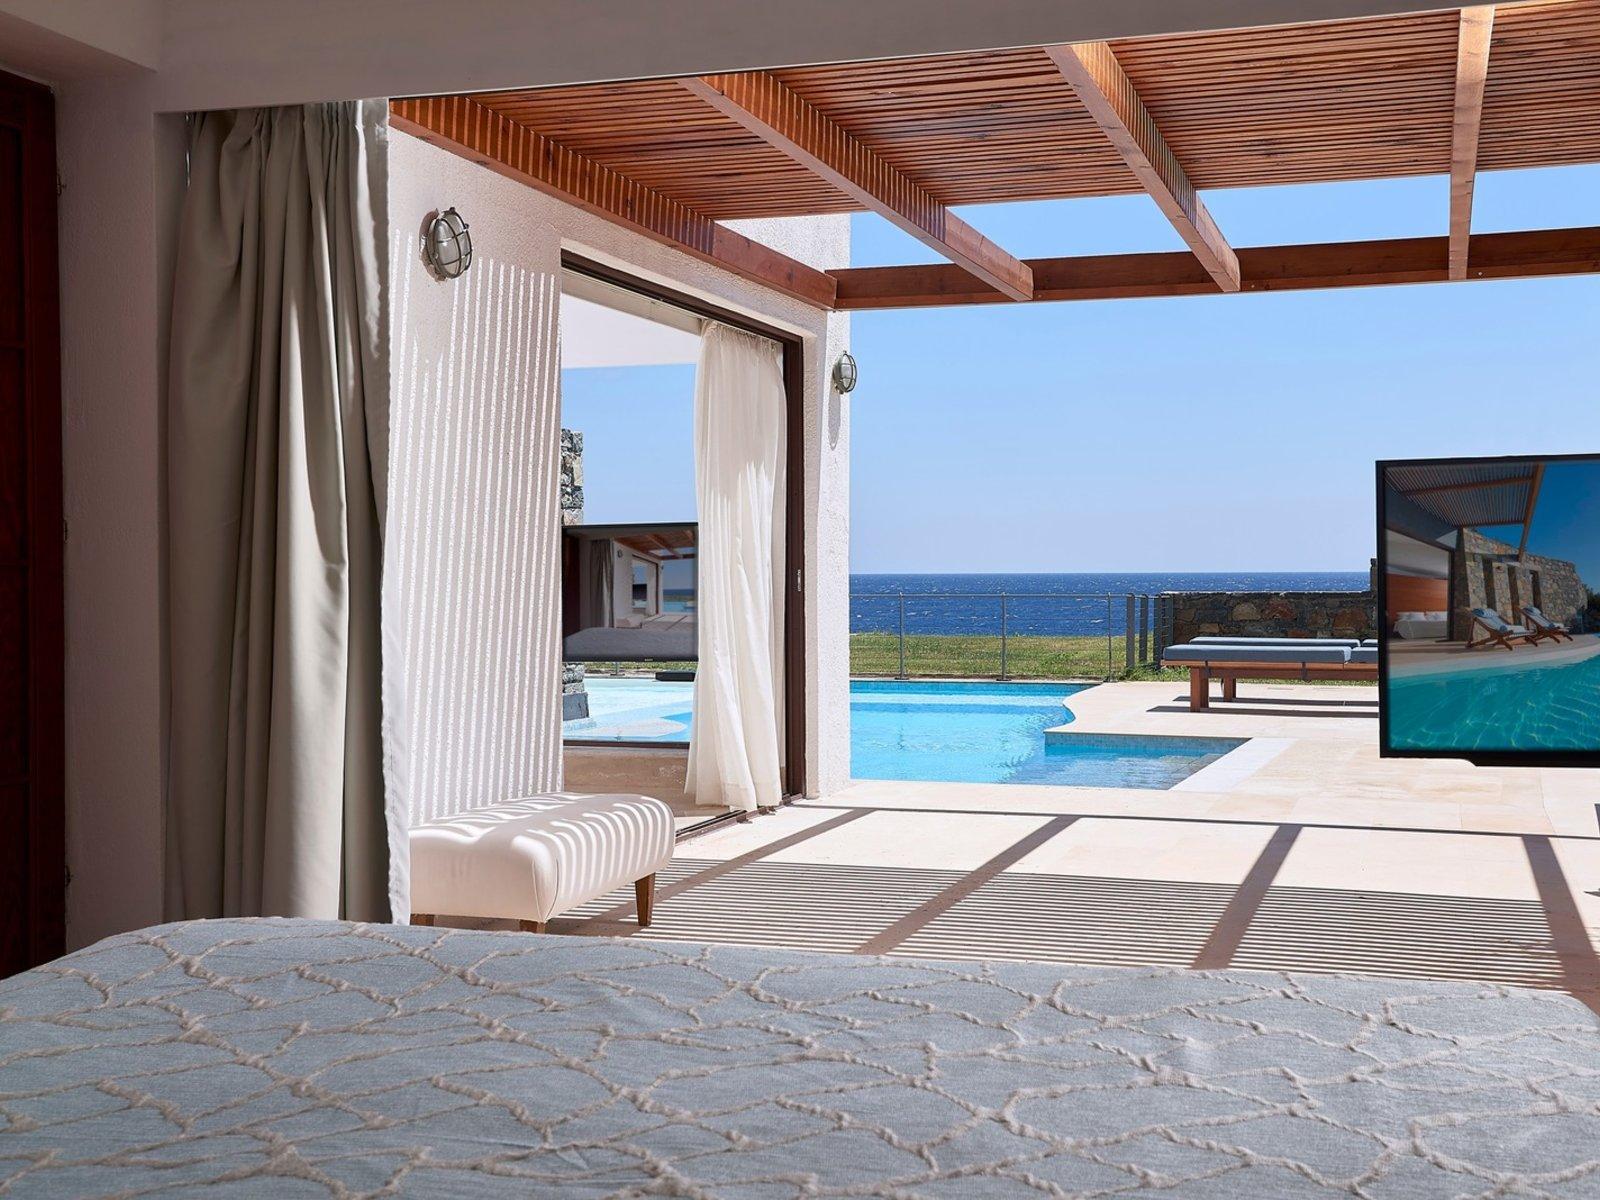 Wohnbeispiel Club - One Bedroom Suite Seaview Private Pool